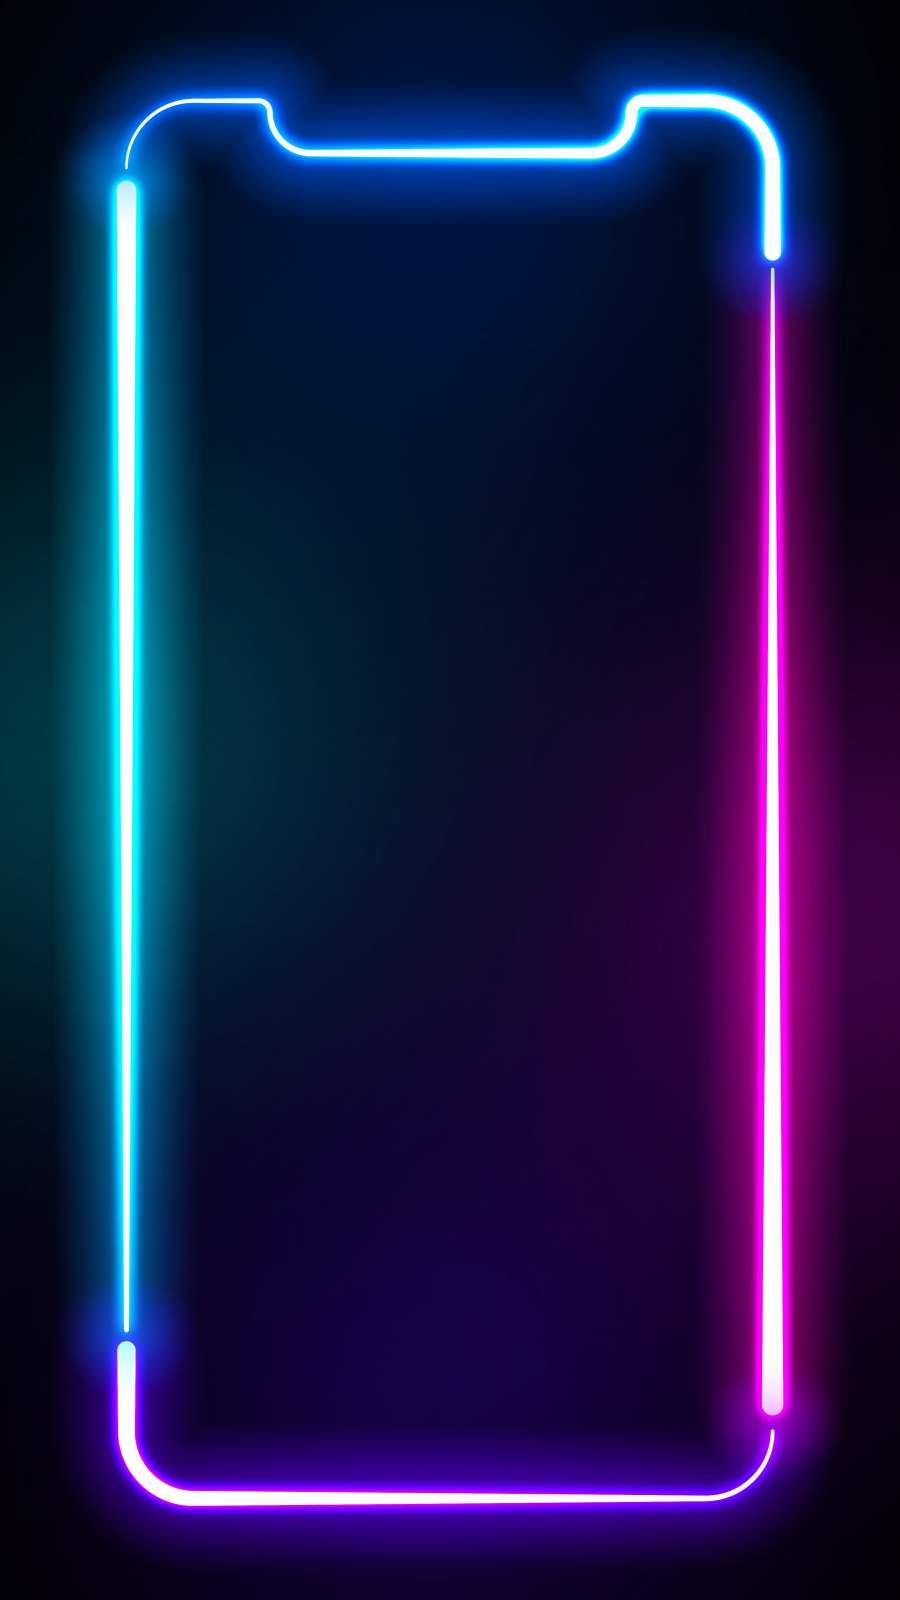 iPhone 12 Pro Neon Wallpaper